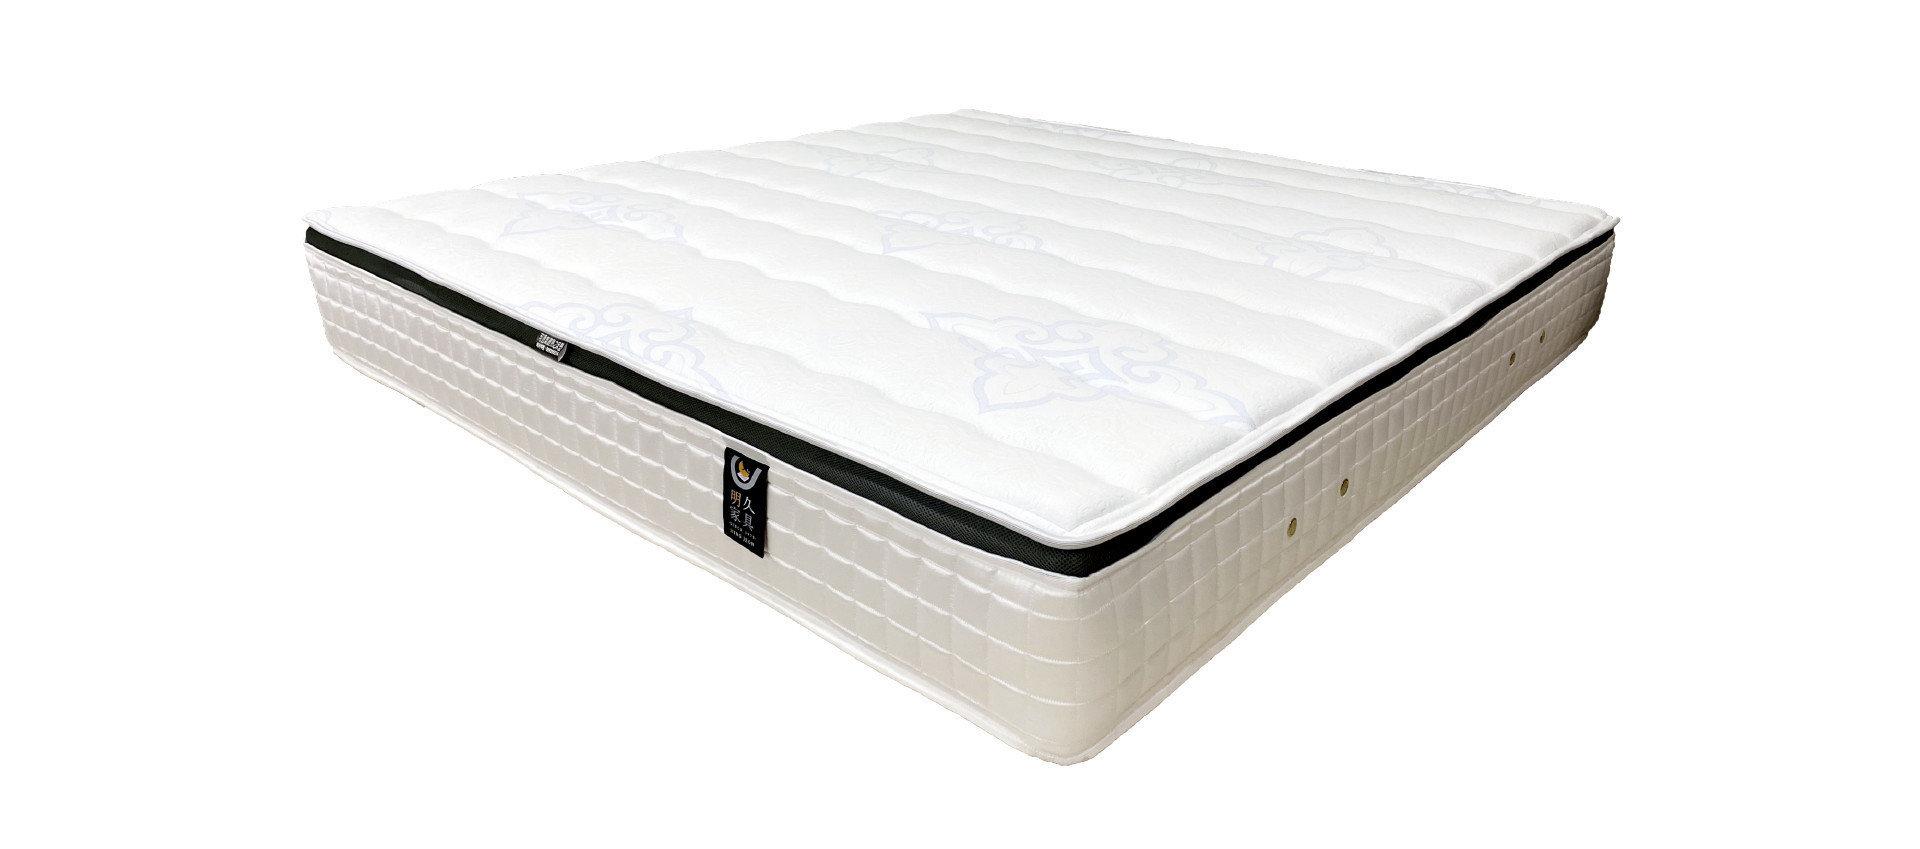 舒活床墊商品實照